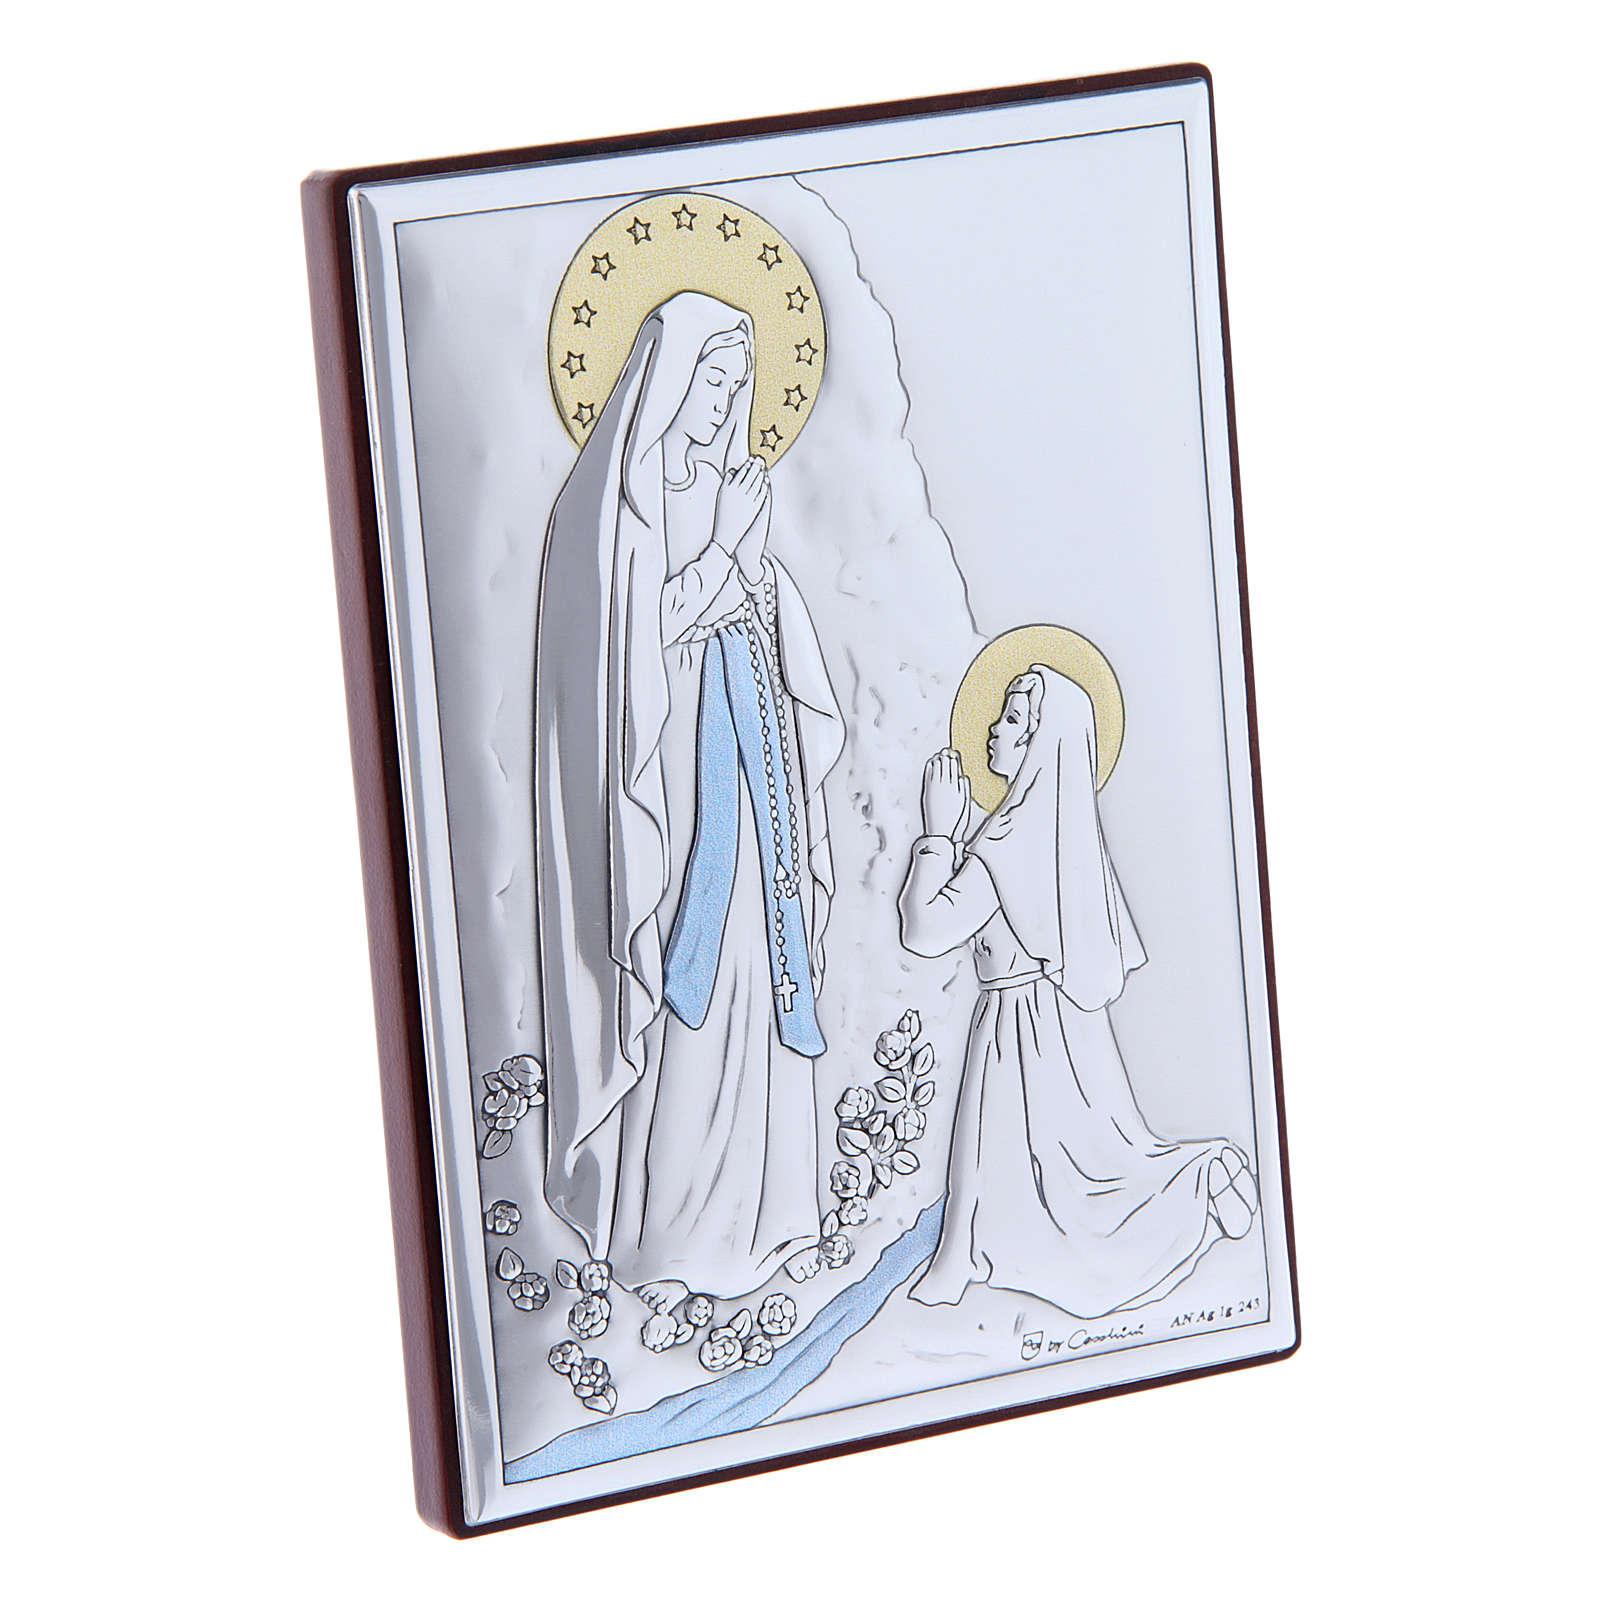 Cadre en bi-laminé avec support en bois massif Notre-Dame de Lourdes 11x8 cm 4